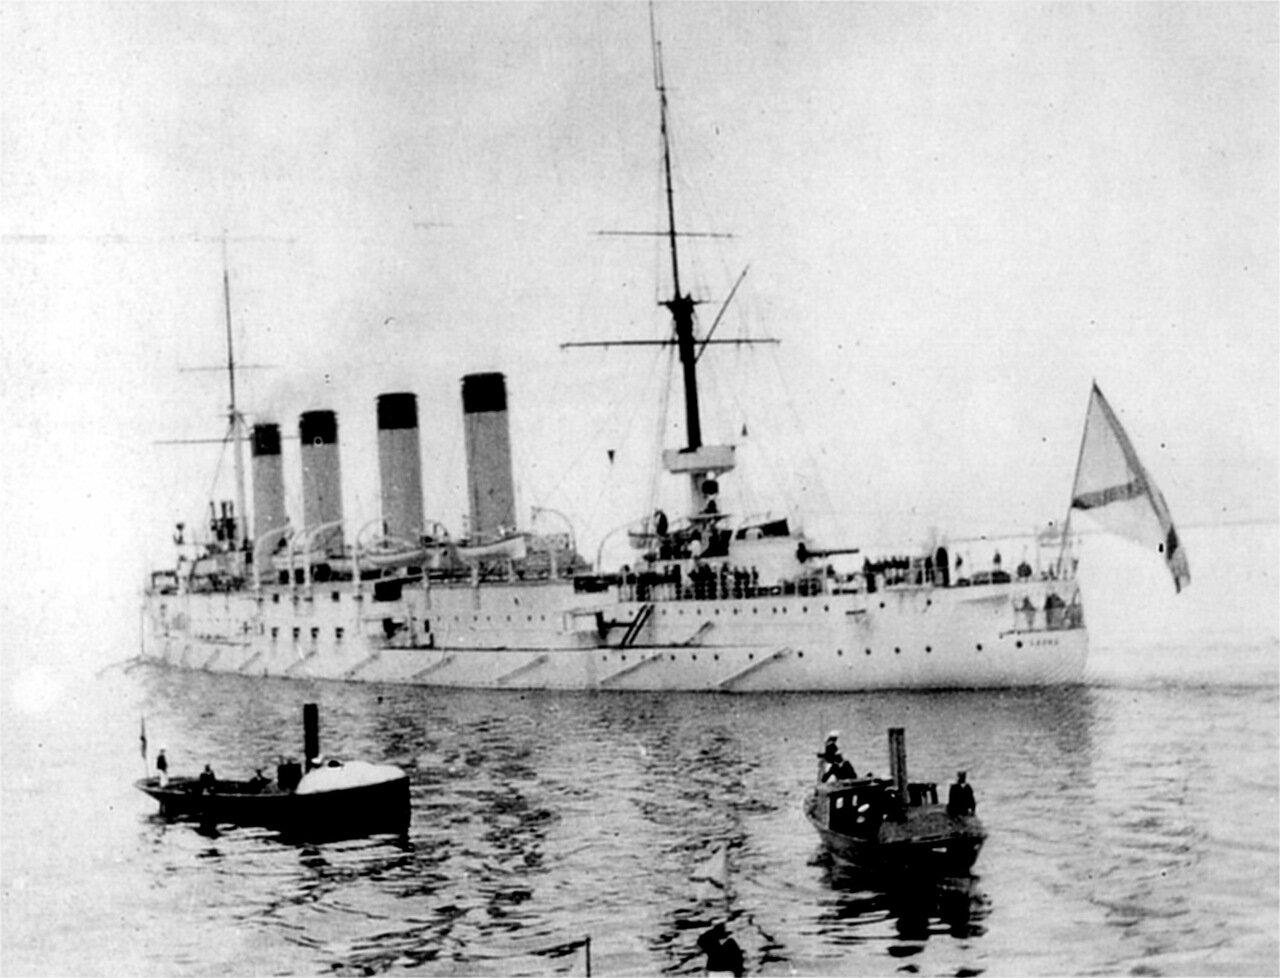 Броненосный крейсер Баян, 1903 год